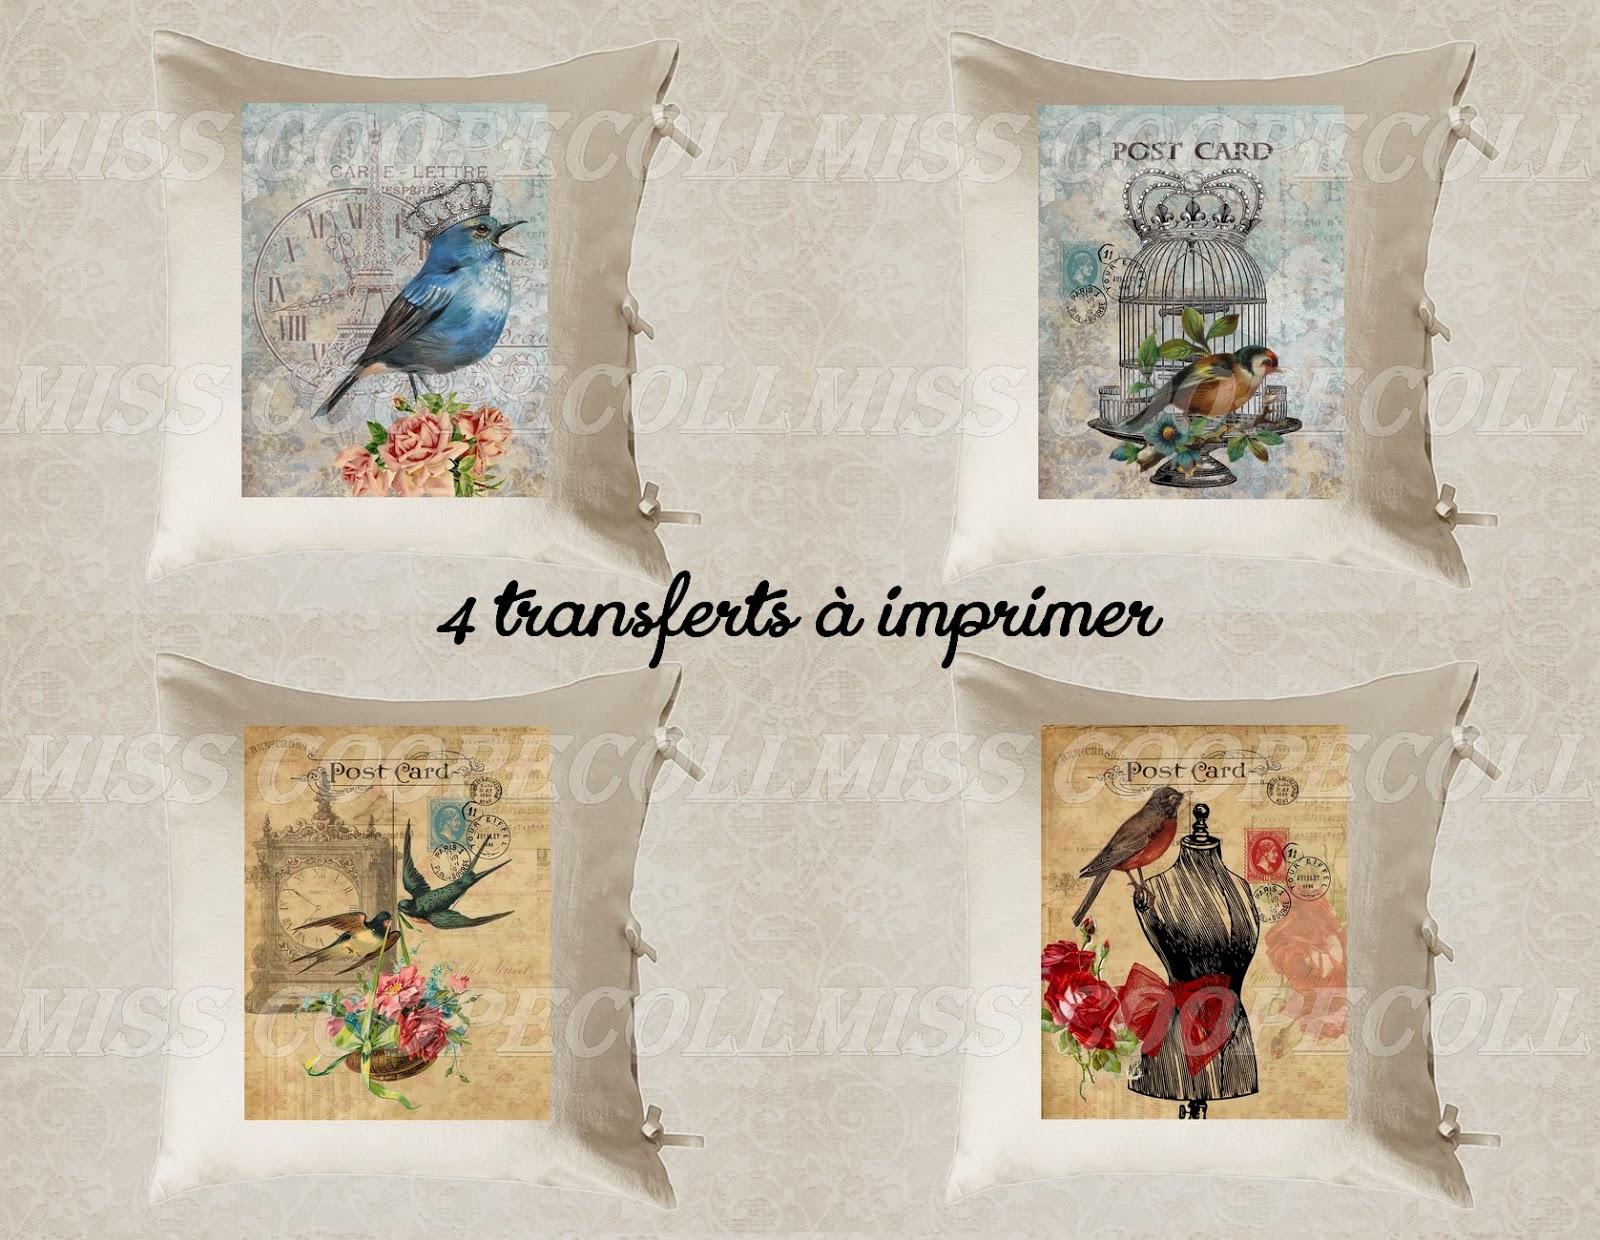 http://www.alittlemarket.com/autres-pieces-pour-creations/nouveau_4_images_digitales_pour_transfert_tissu_beautiful_birds_envoi_par_mail-6914985.html